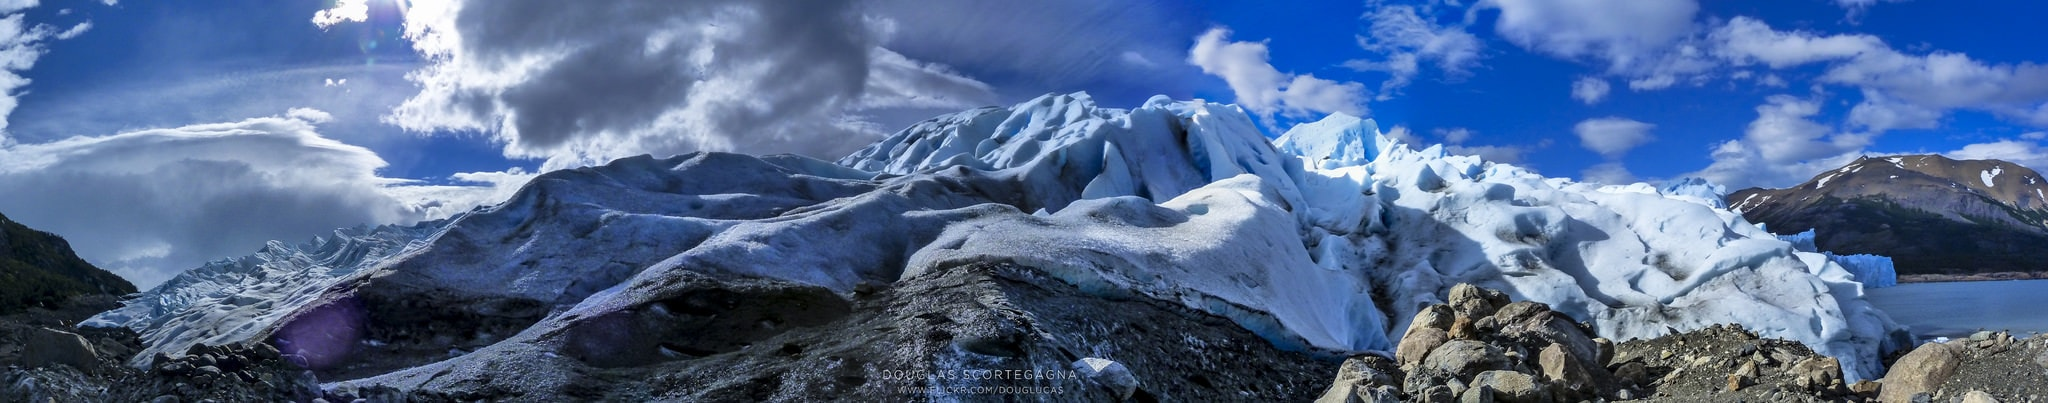 Panorámica de montaña nevada